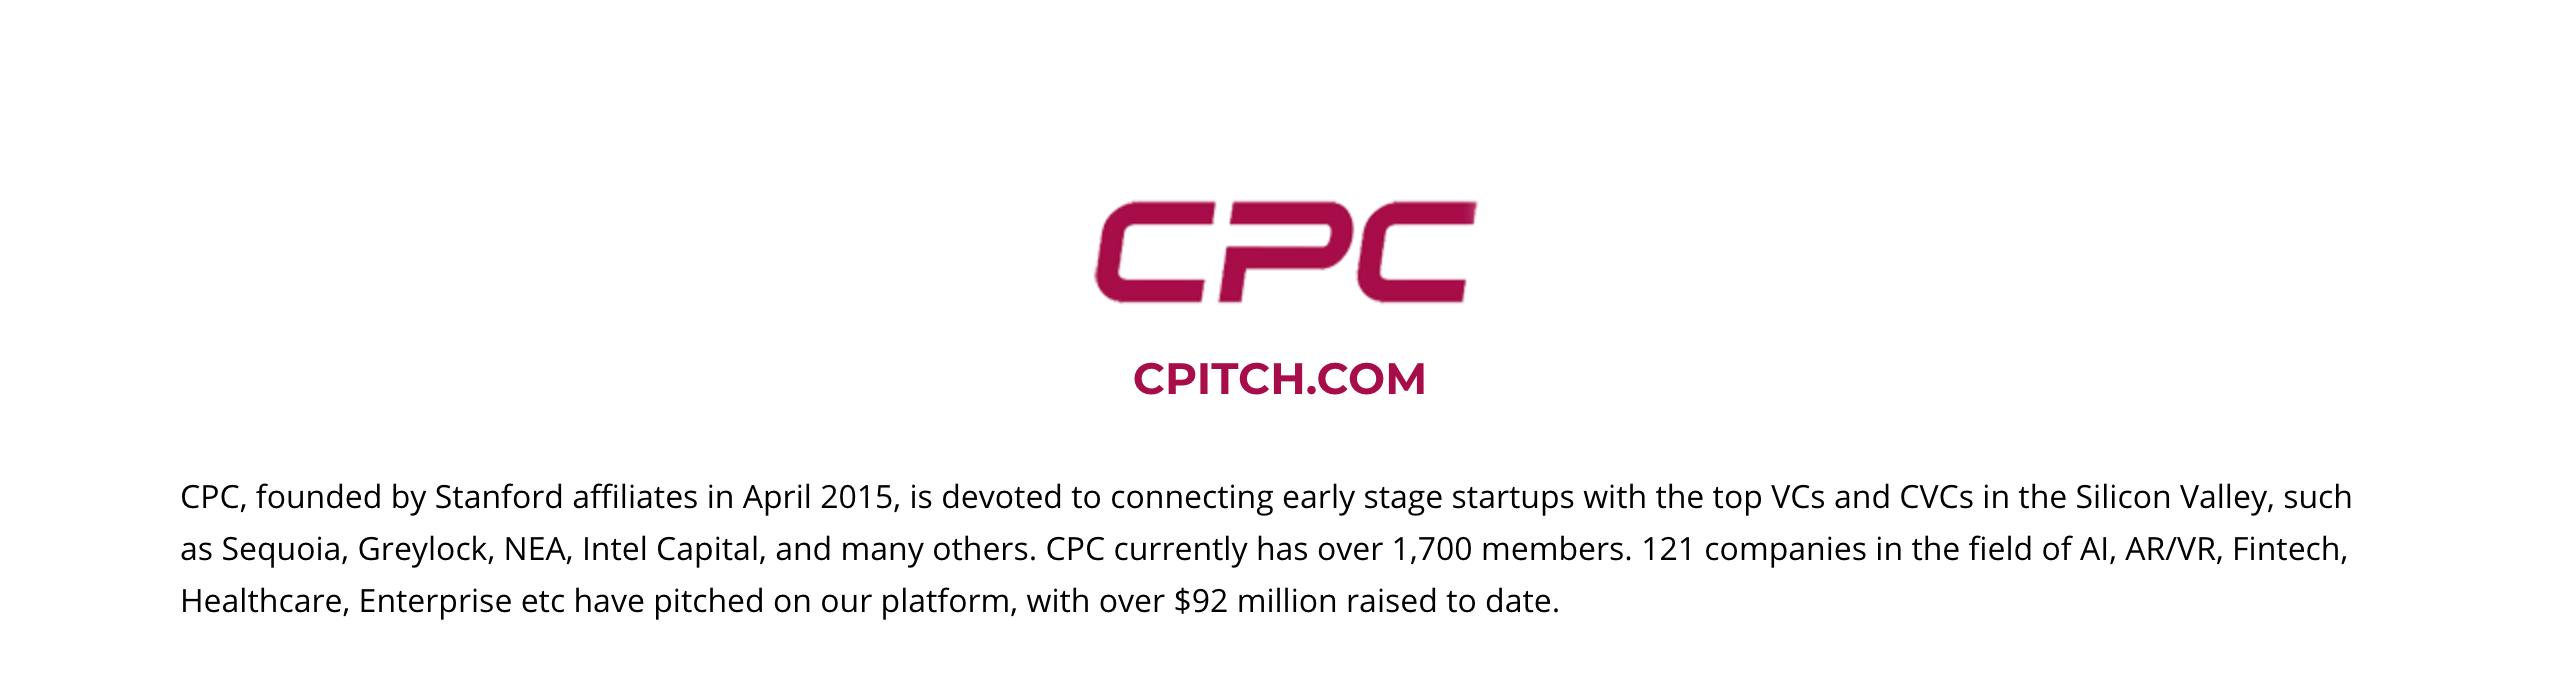 CPC Crypto DevCon 2019 - EventBrowse com